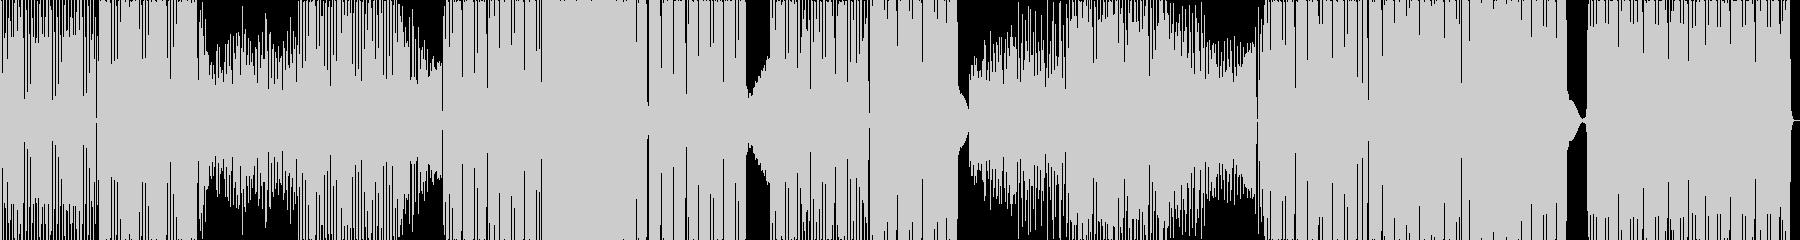 ハウスコマーシャル。の未再生の波形